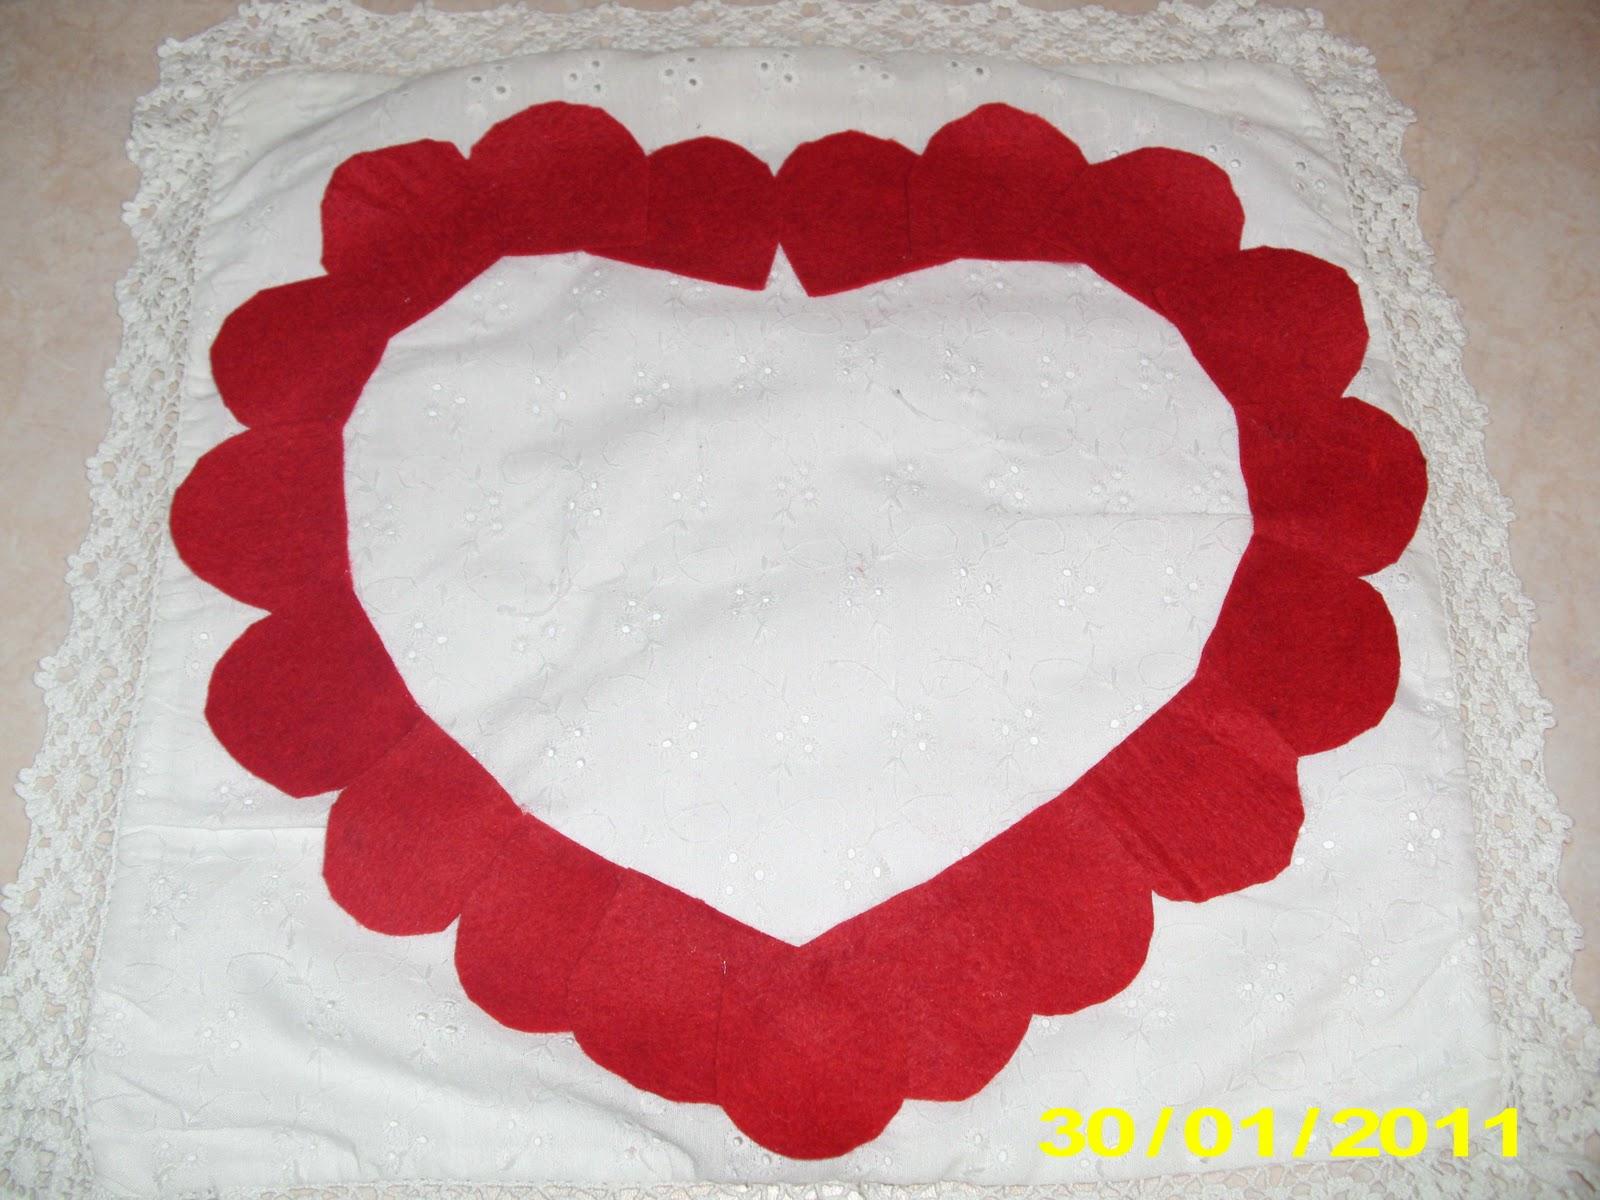 Φτιάχνουμε μαξιλάρι καρδιά από τσόχα